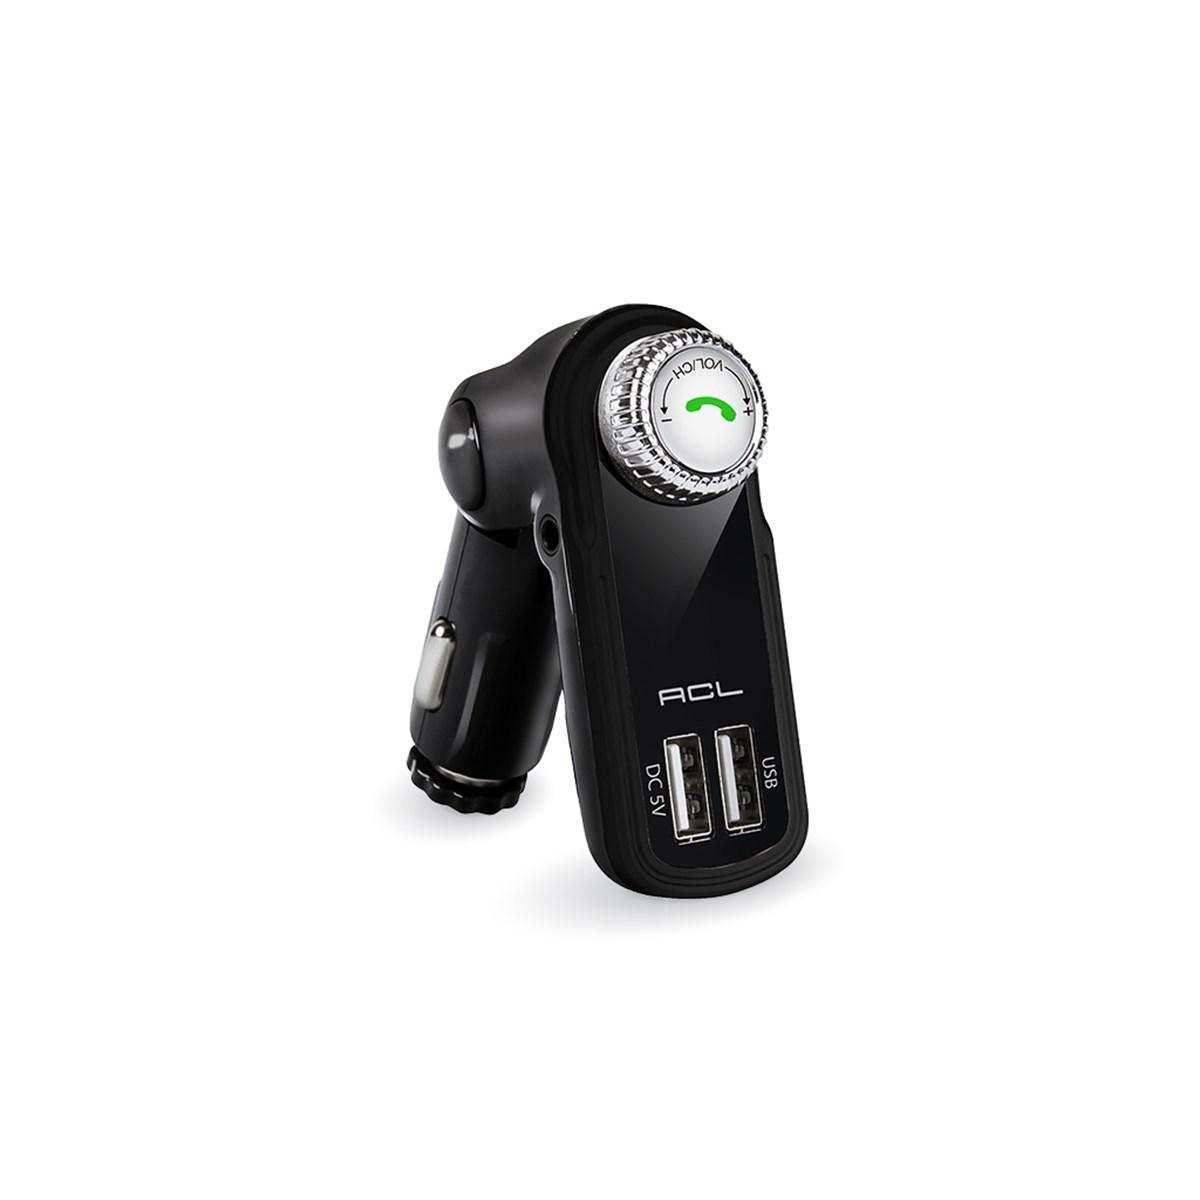 AFT-01 FM Transmitter Müzik Oynatıcı Kablosuz Bağlantı+Araç Şarjı